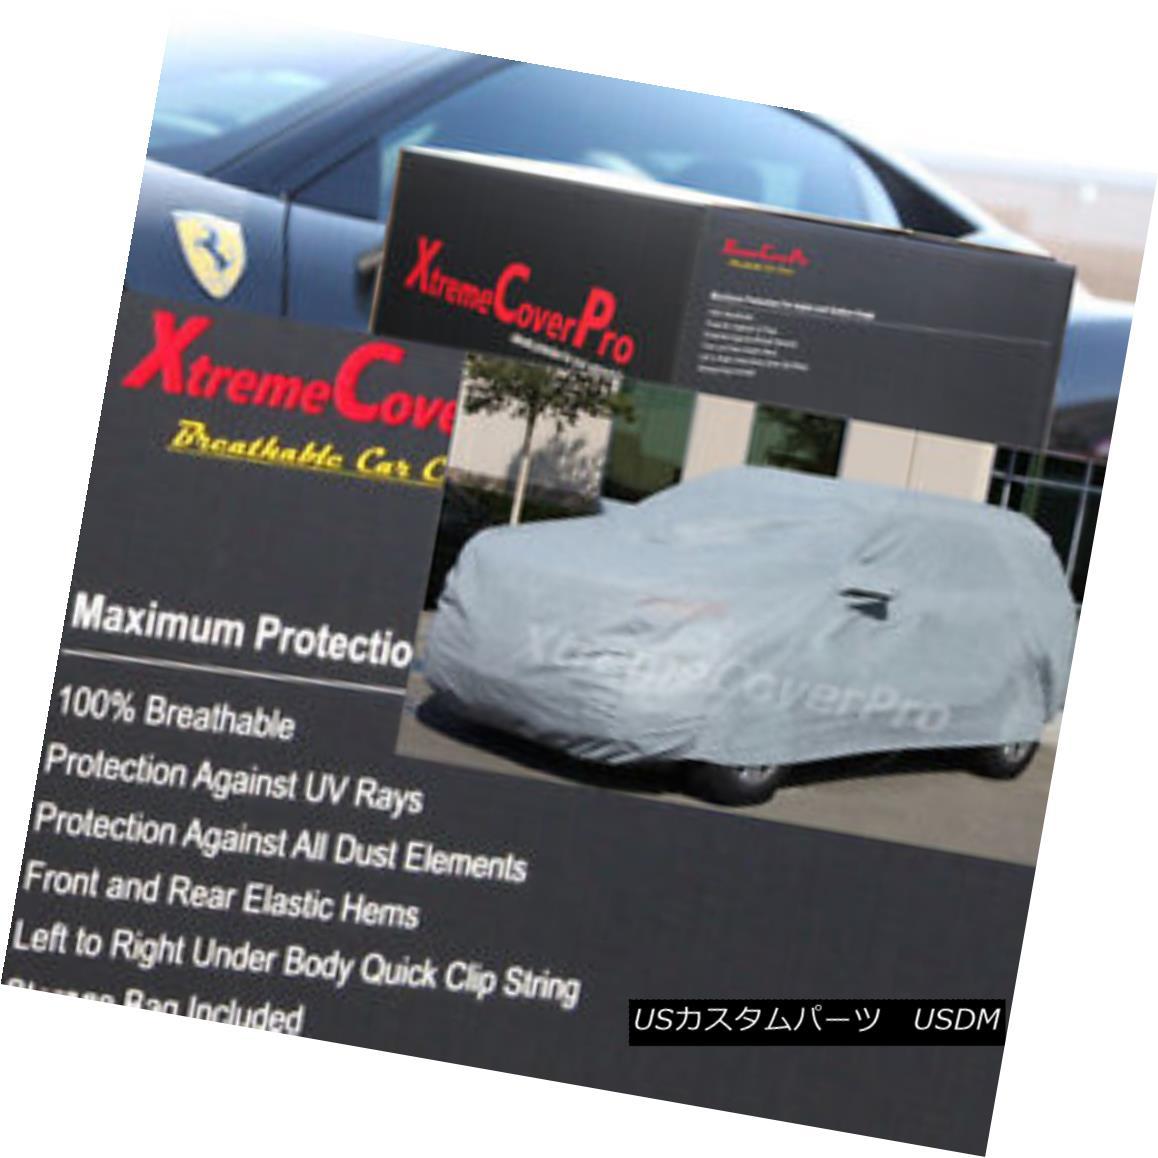 カーカバー 2015 TOYOTA PRIUS-V Breathable Car Cover w/Mirror Pockets - Gray 2015 TOYOTA PRIUS-V通気性車カバー(ミラーポケット付) - グレー